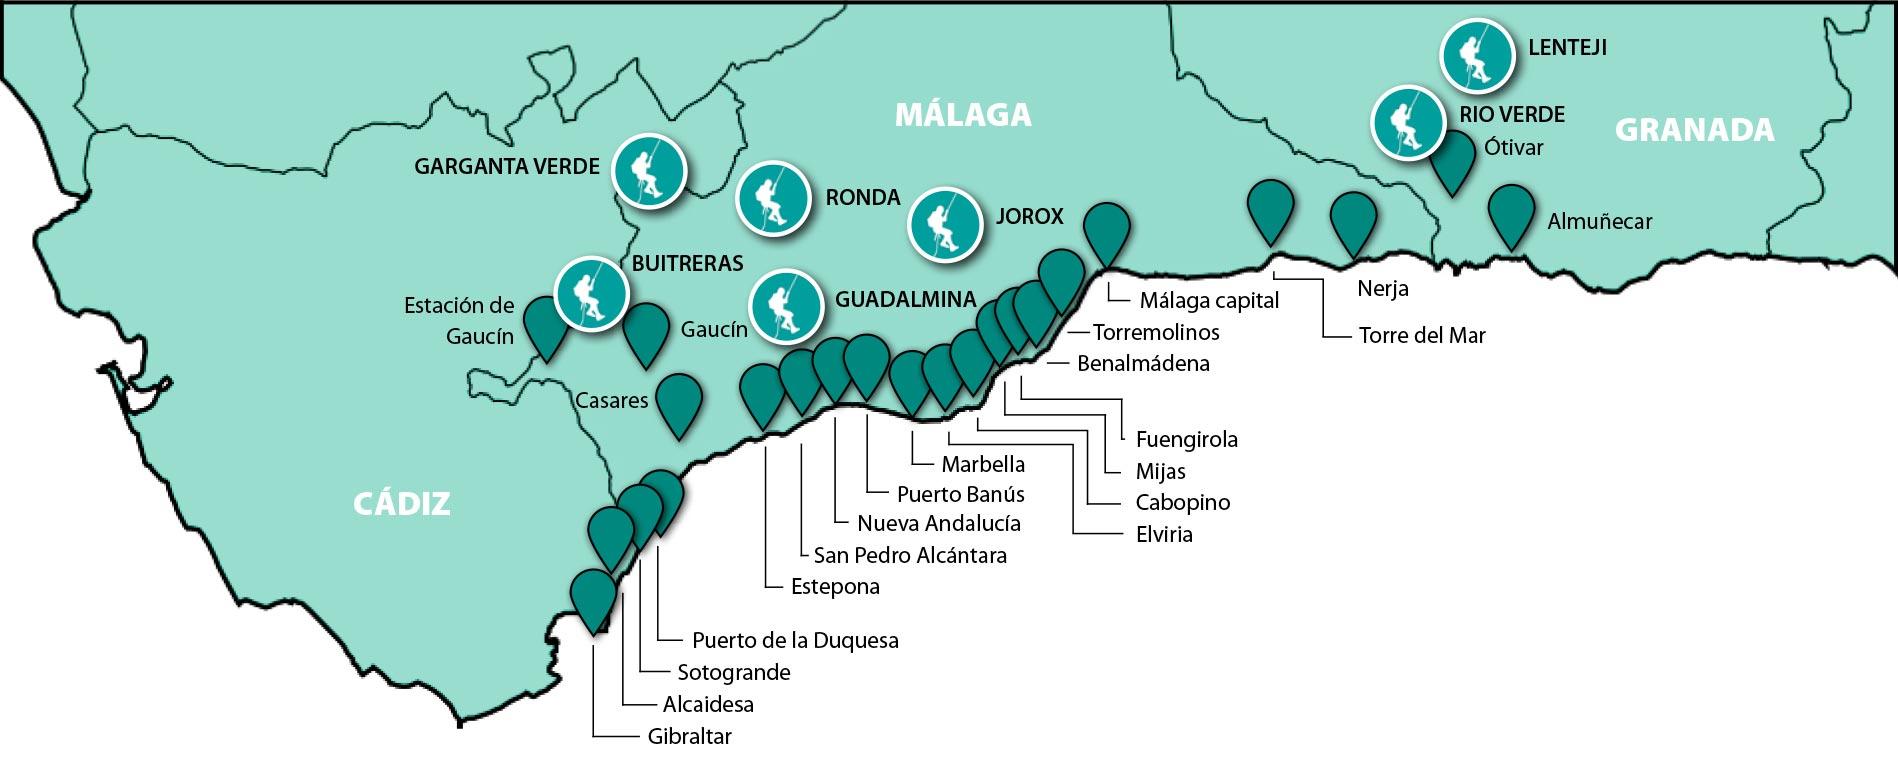 Mapa de ciudades para servicio de transfer